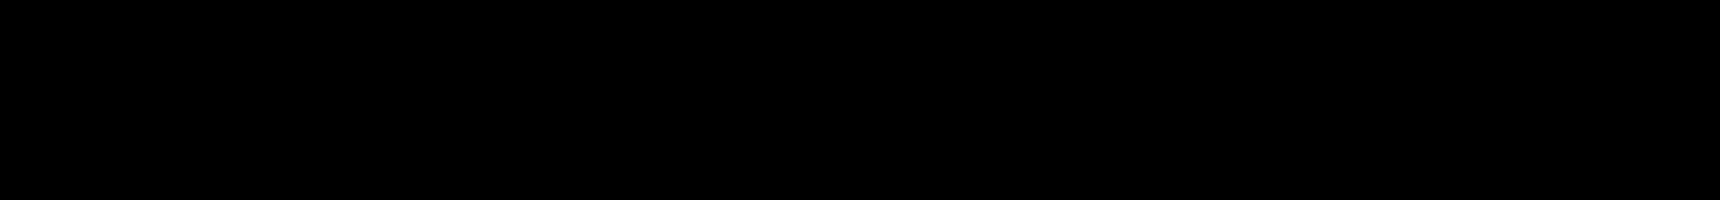 ロゴタイプ(文字)デザイン制作料金の目安 100,000円